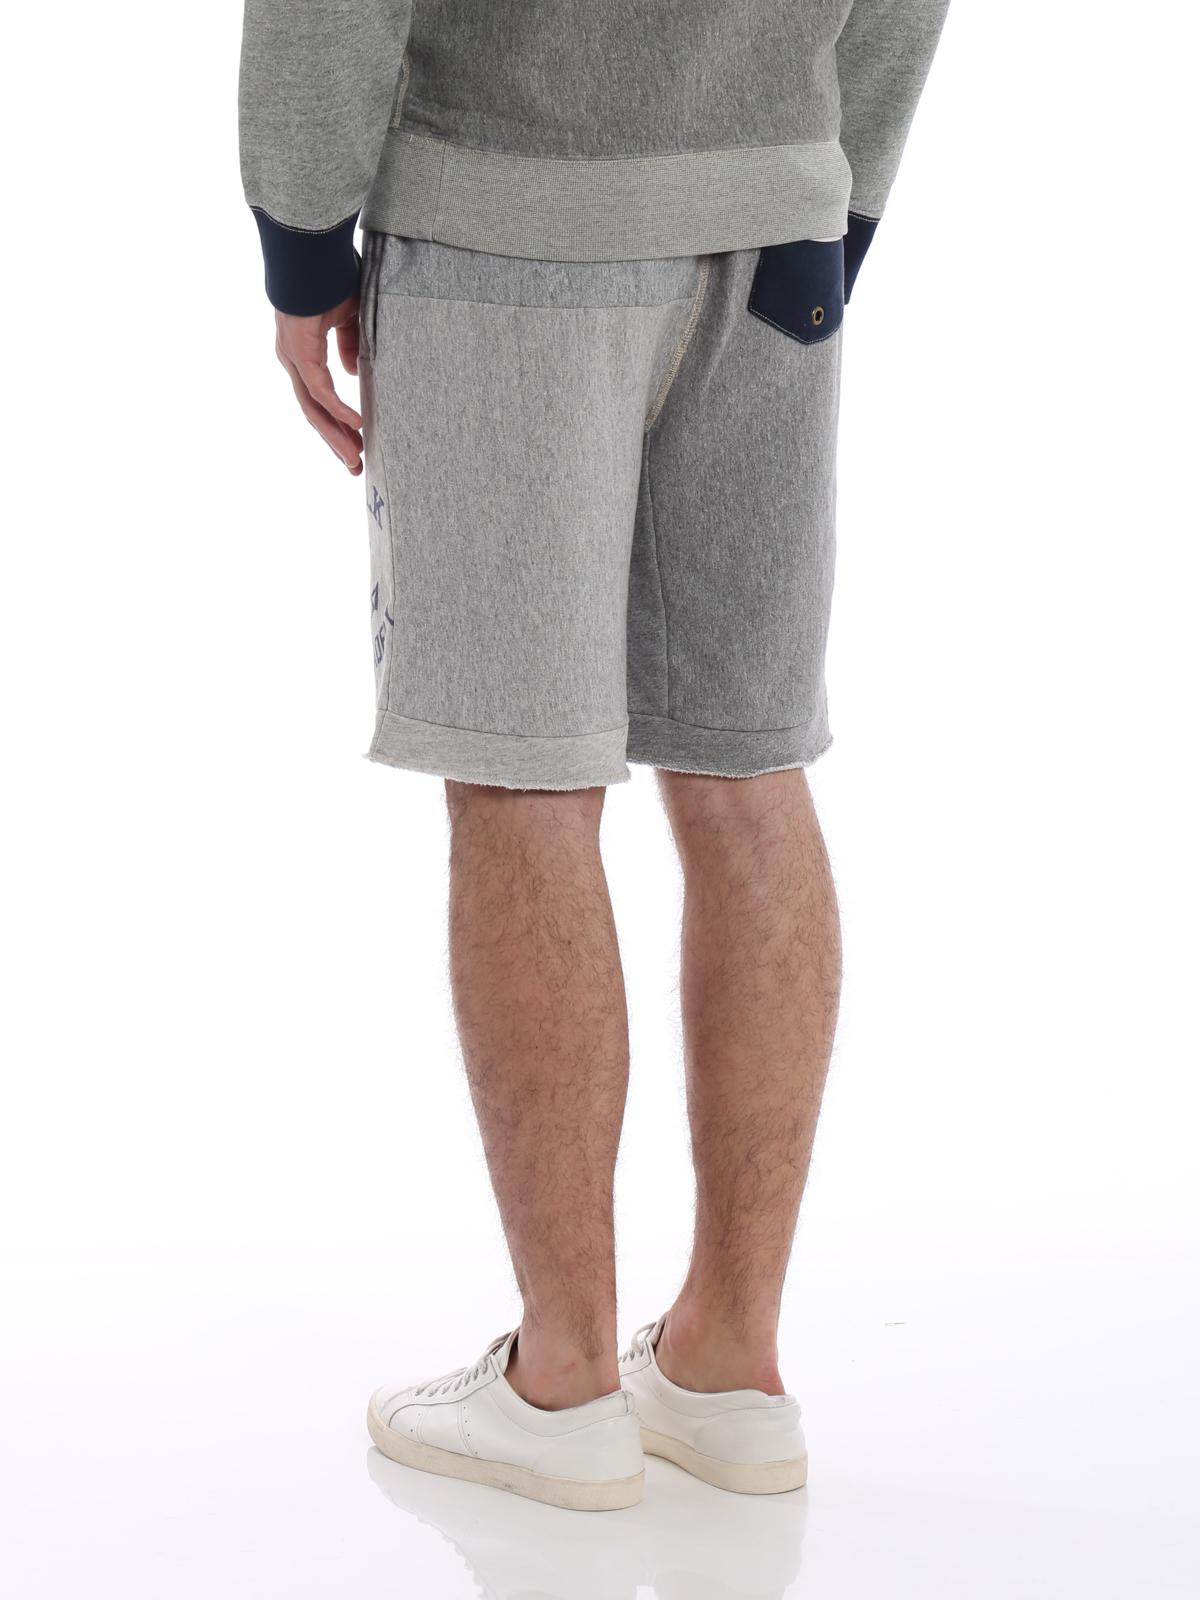 04ea3cea4f5 ... tracksuit bottoms - Patch detailed cotton shorts · Patch detailed cotton  shorts shop online  POLO RALPH LAUREN